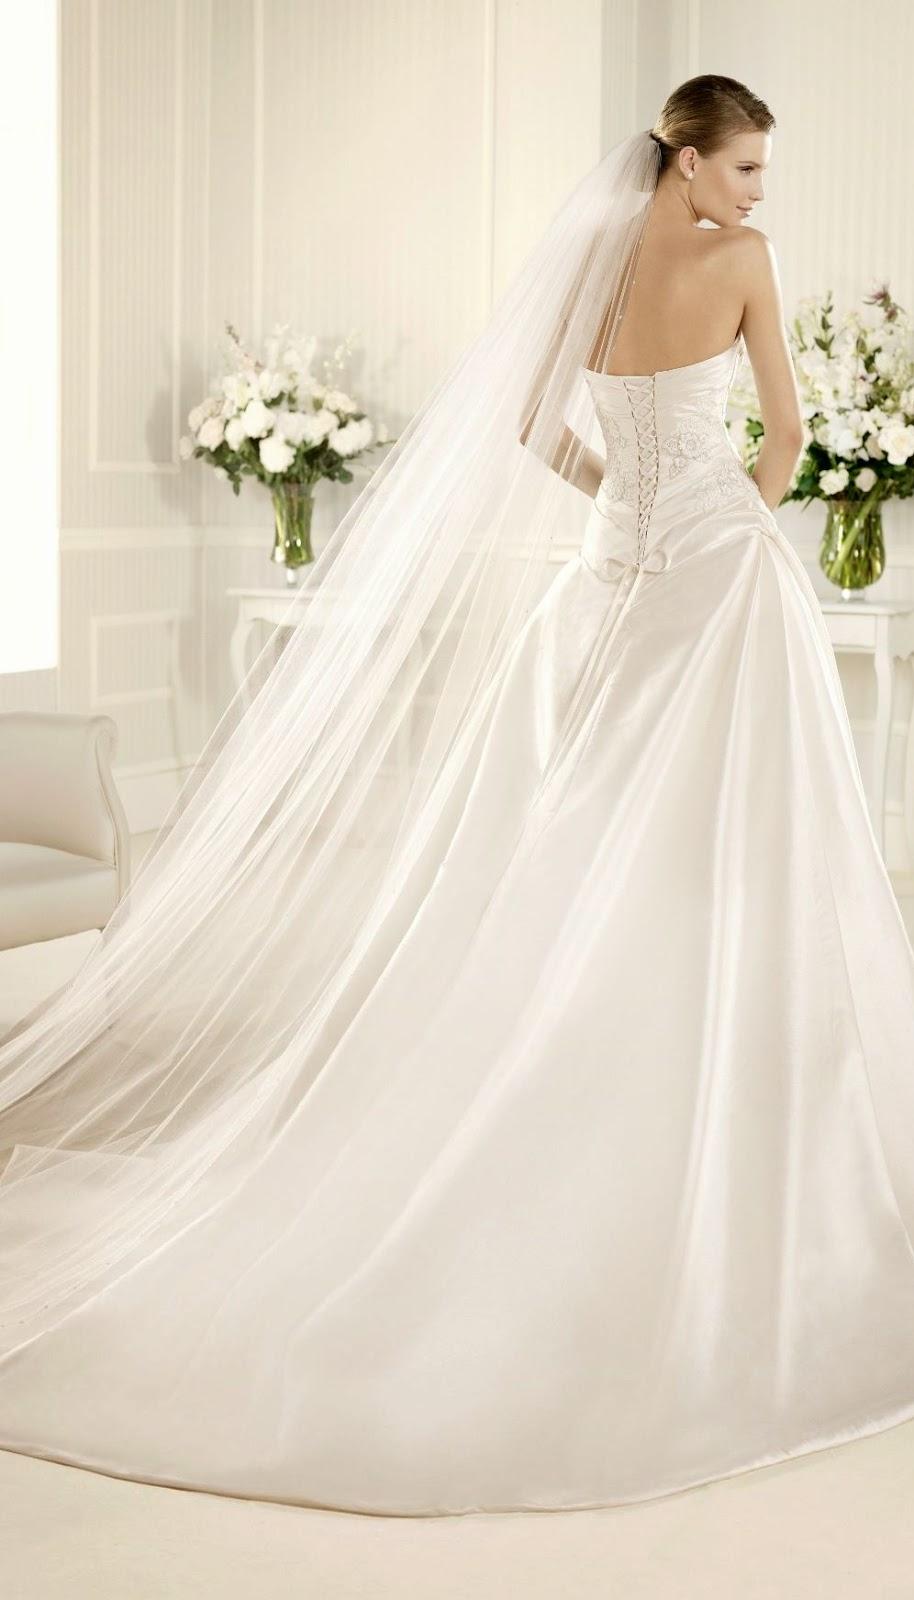 Hochzeitskleider in den Libanon